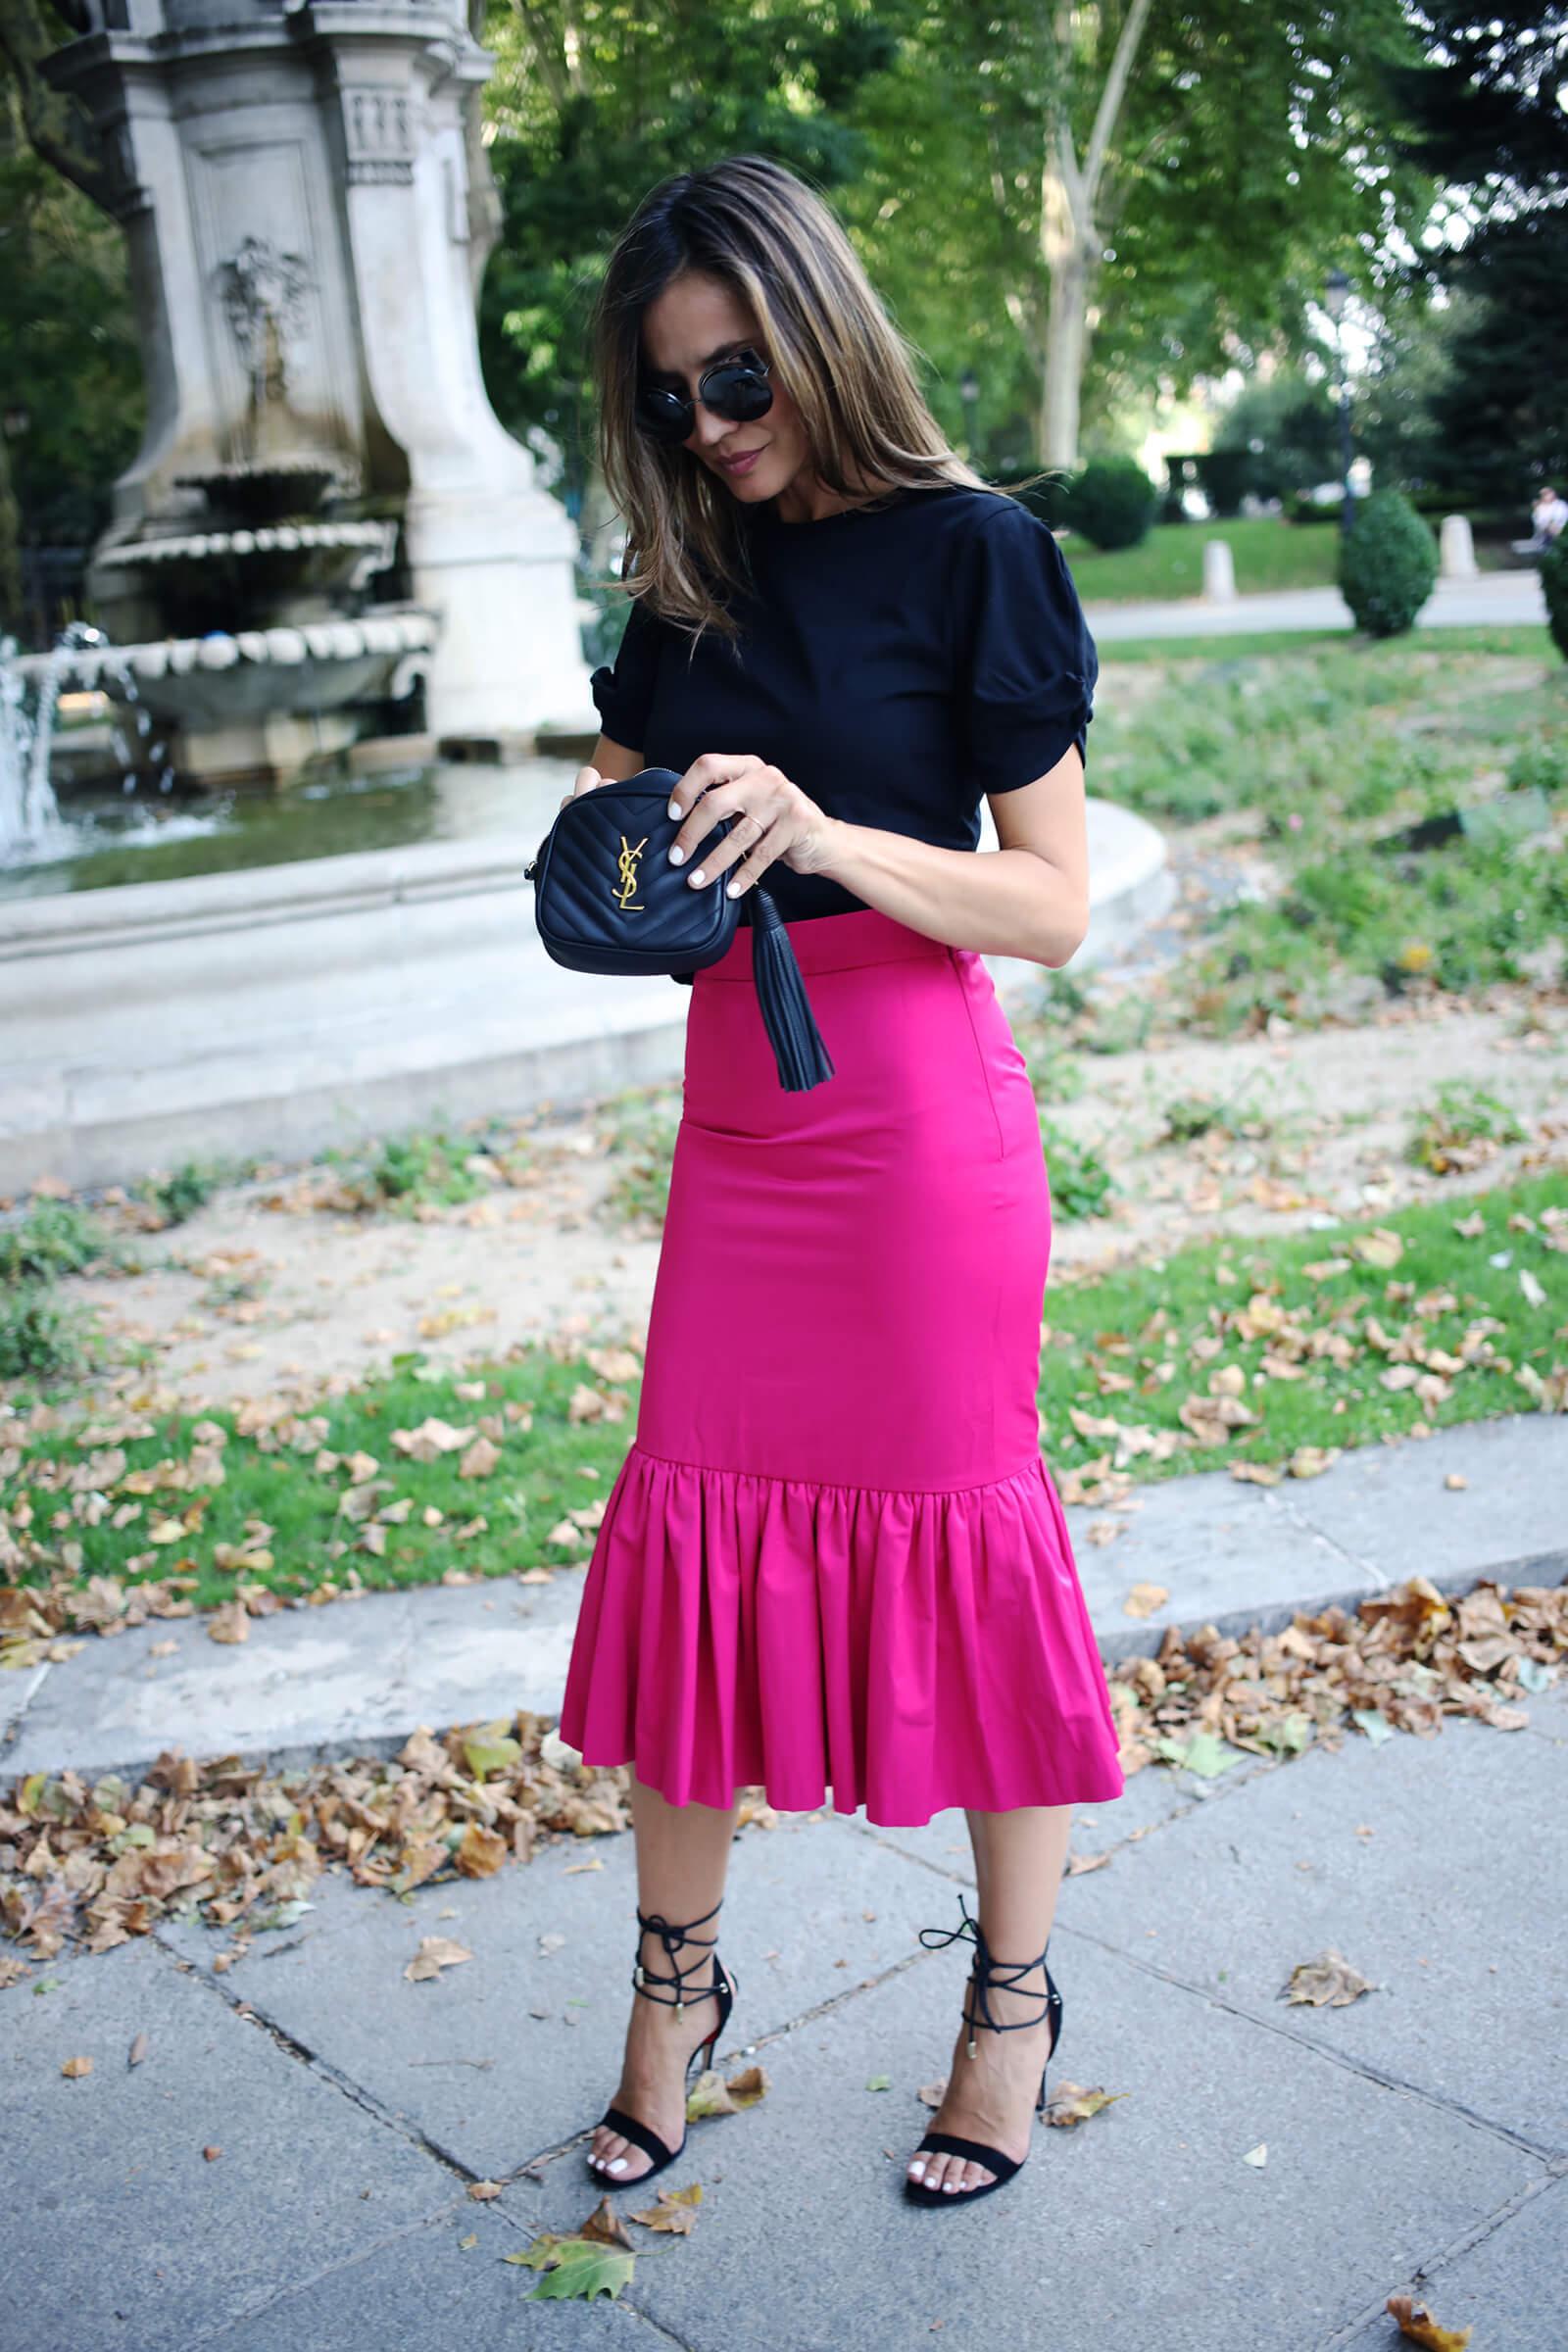 falda fucsia combinada con sandalias negras de tiras